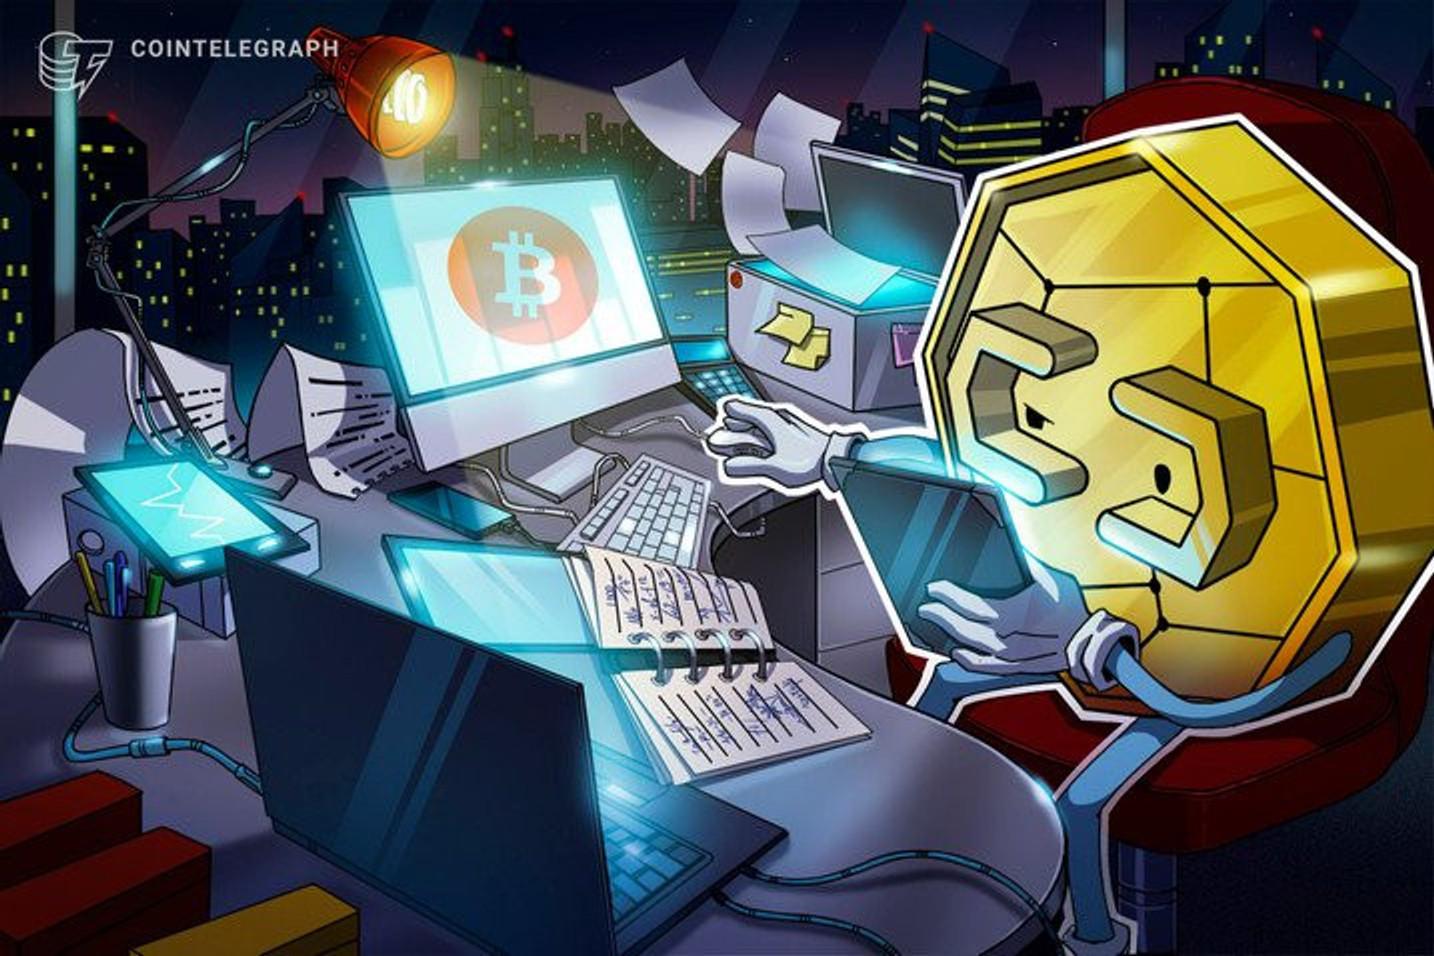 Colunista da Folha diz que Bitcoin 'voltou à mesa das familias', mas prega cautela